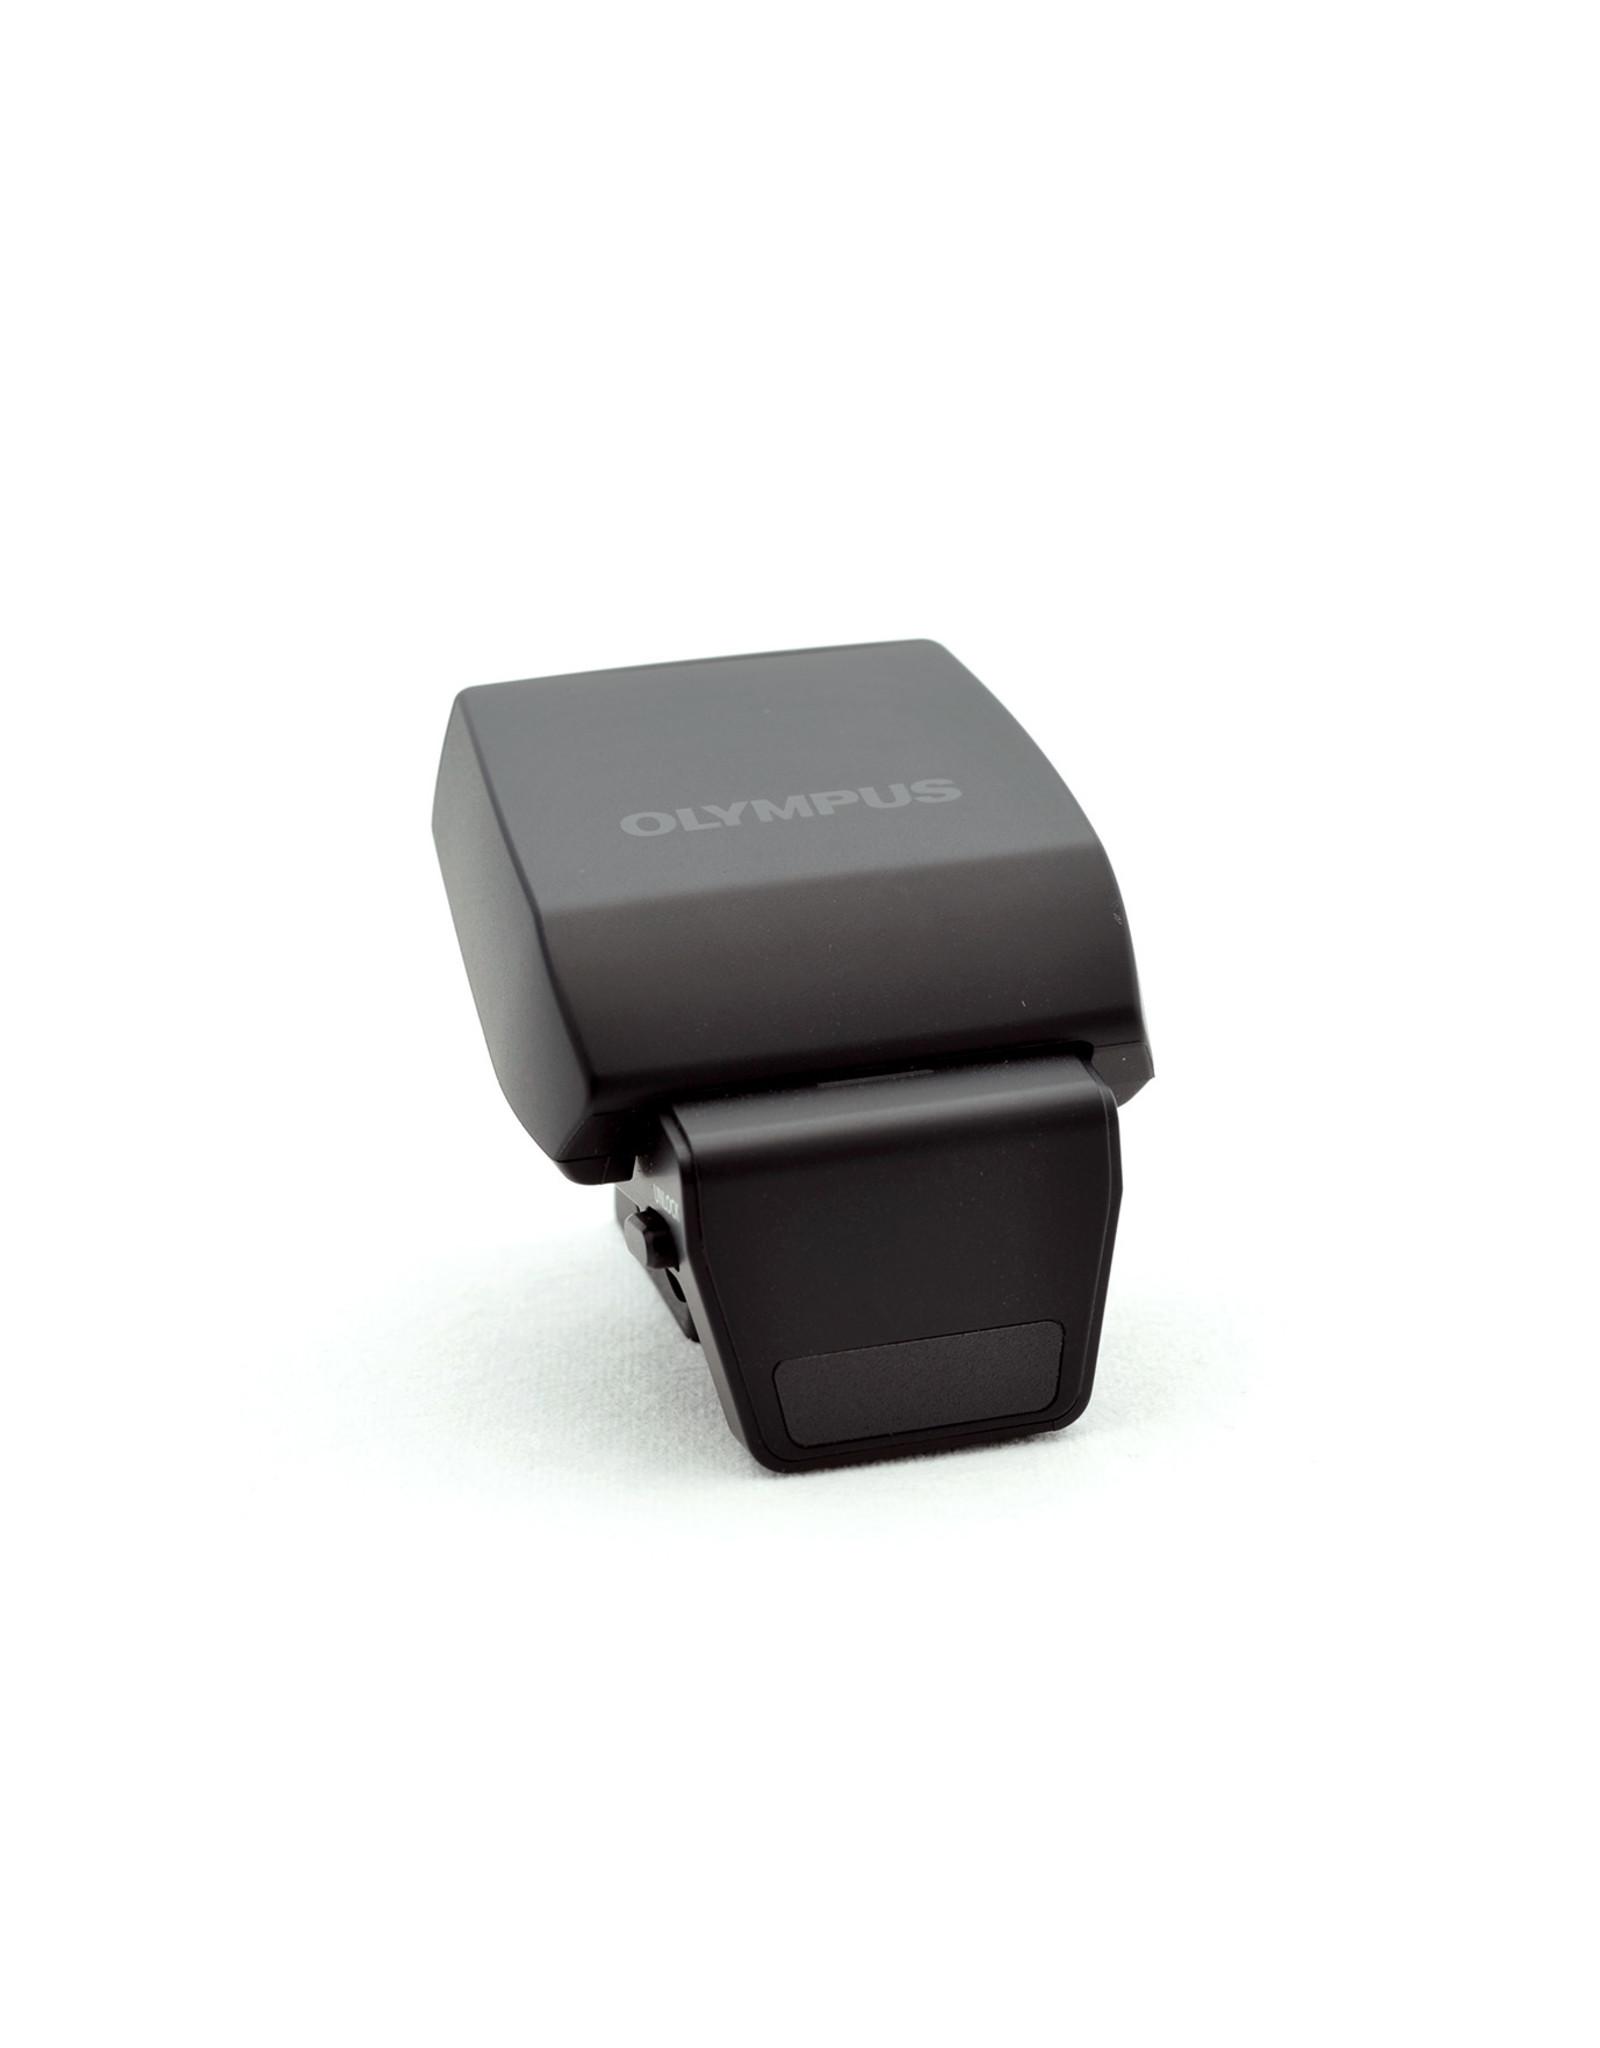 Olympus Olympus FL-LM2 mini flash   AP1011201